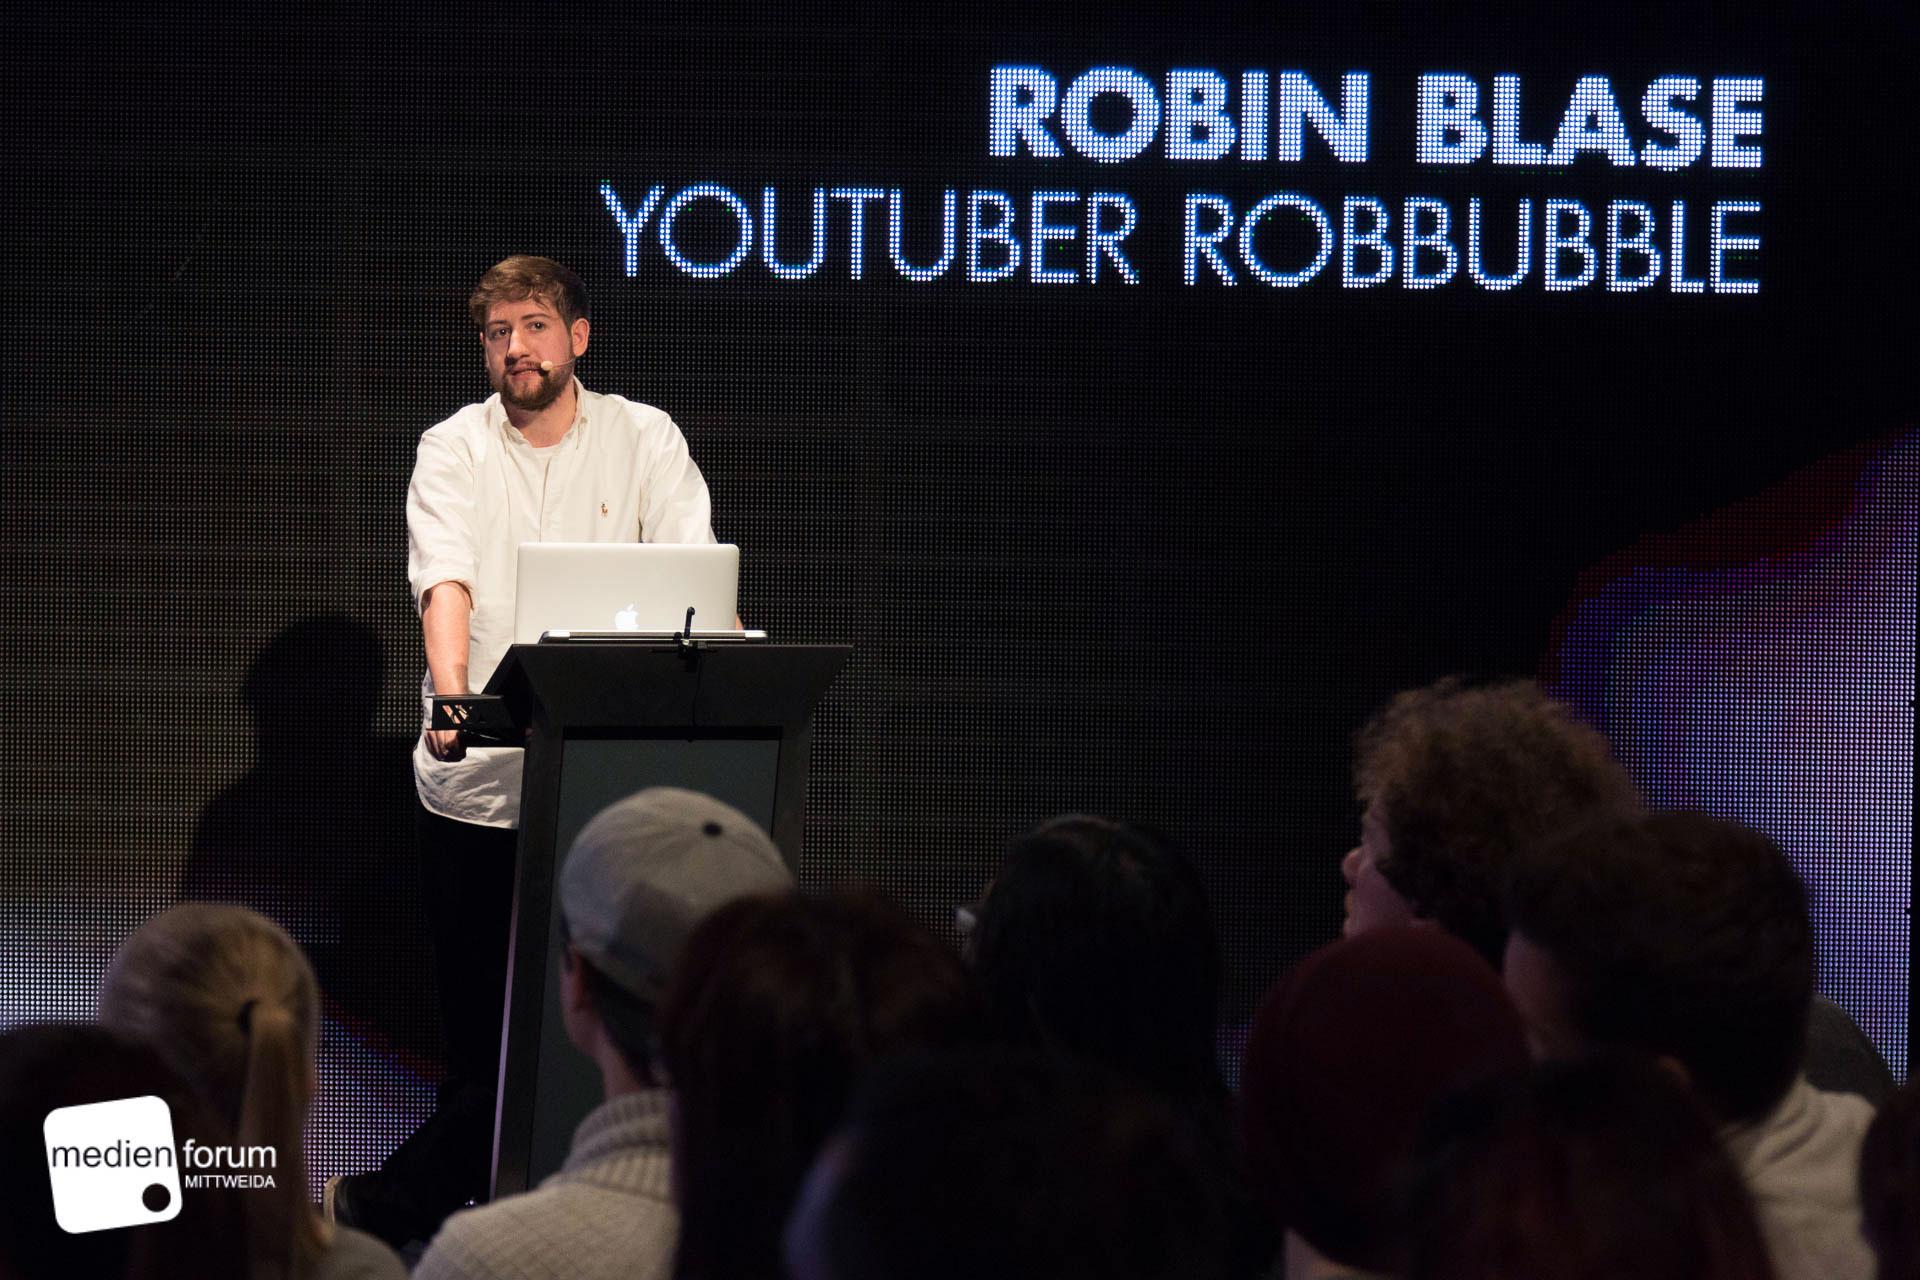 YouTube: Du musst wissen, was du willst